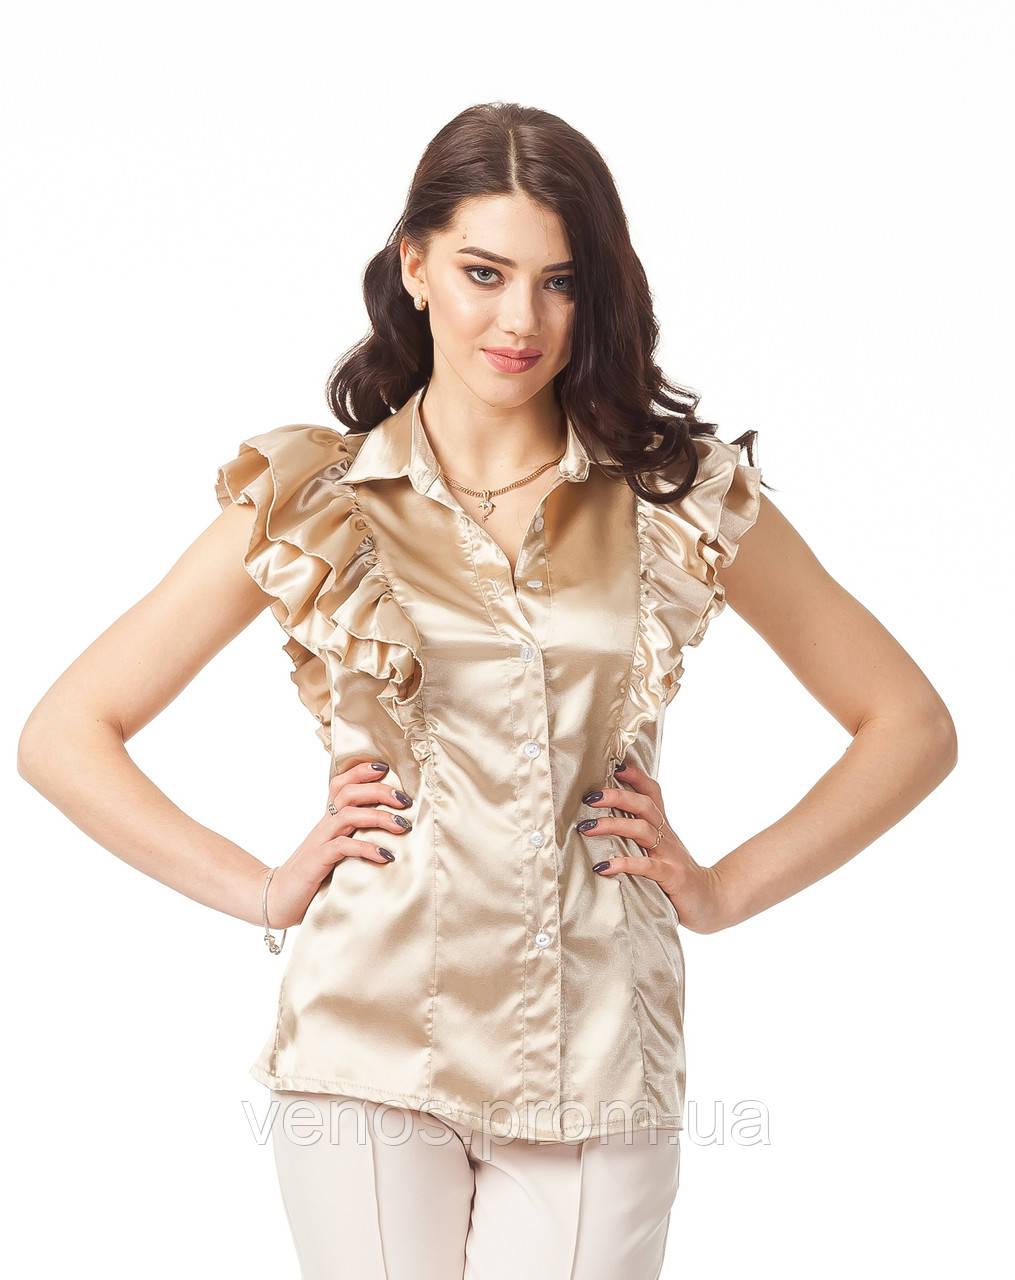 Женская блуза с воланами. К089